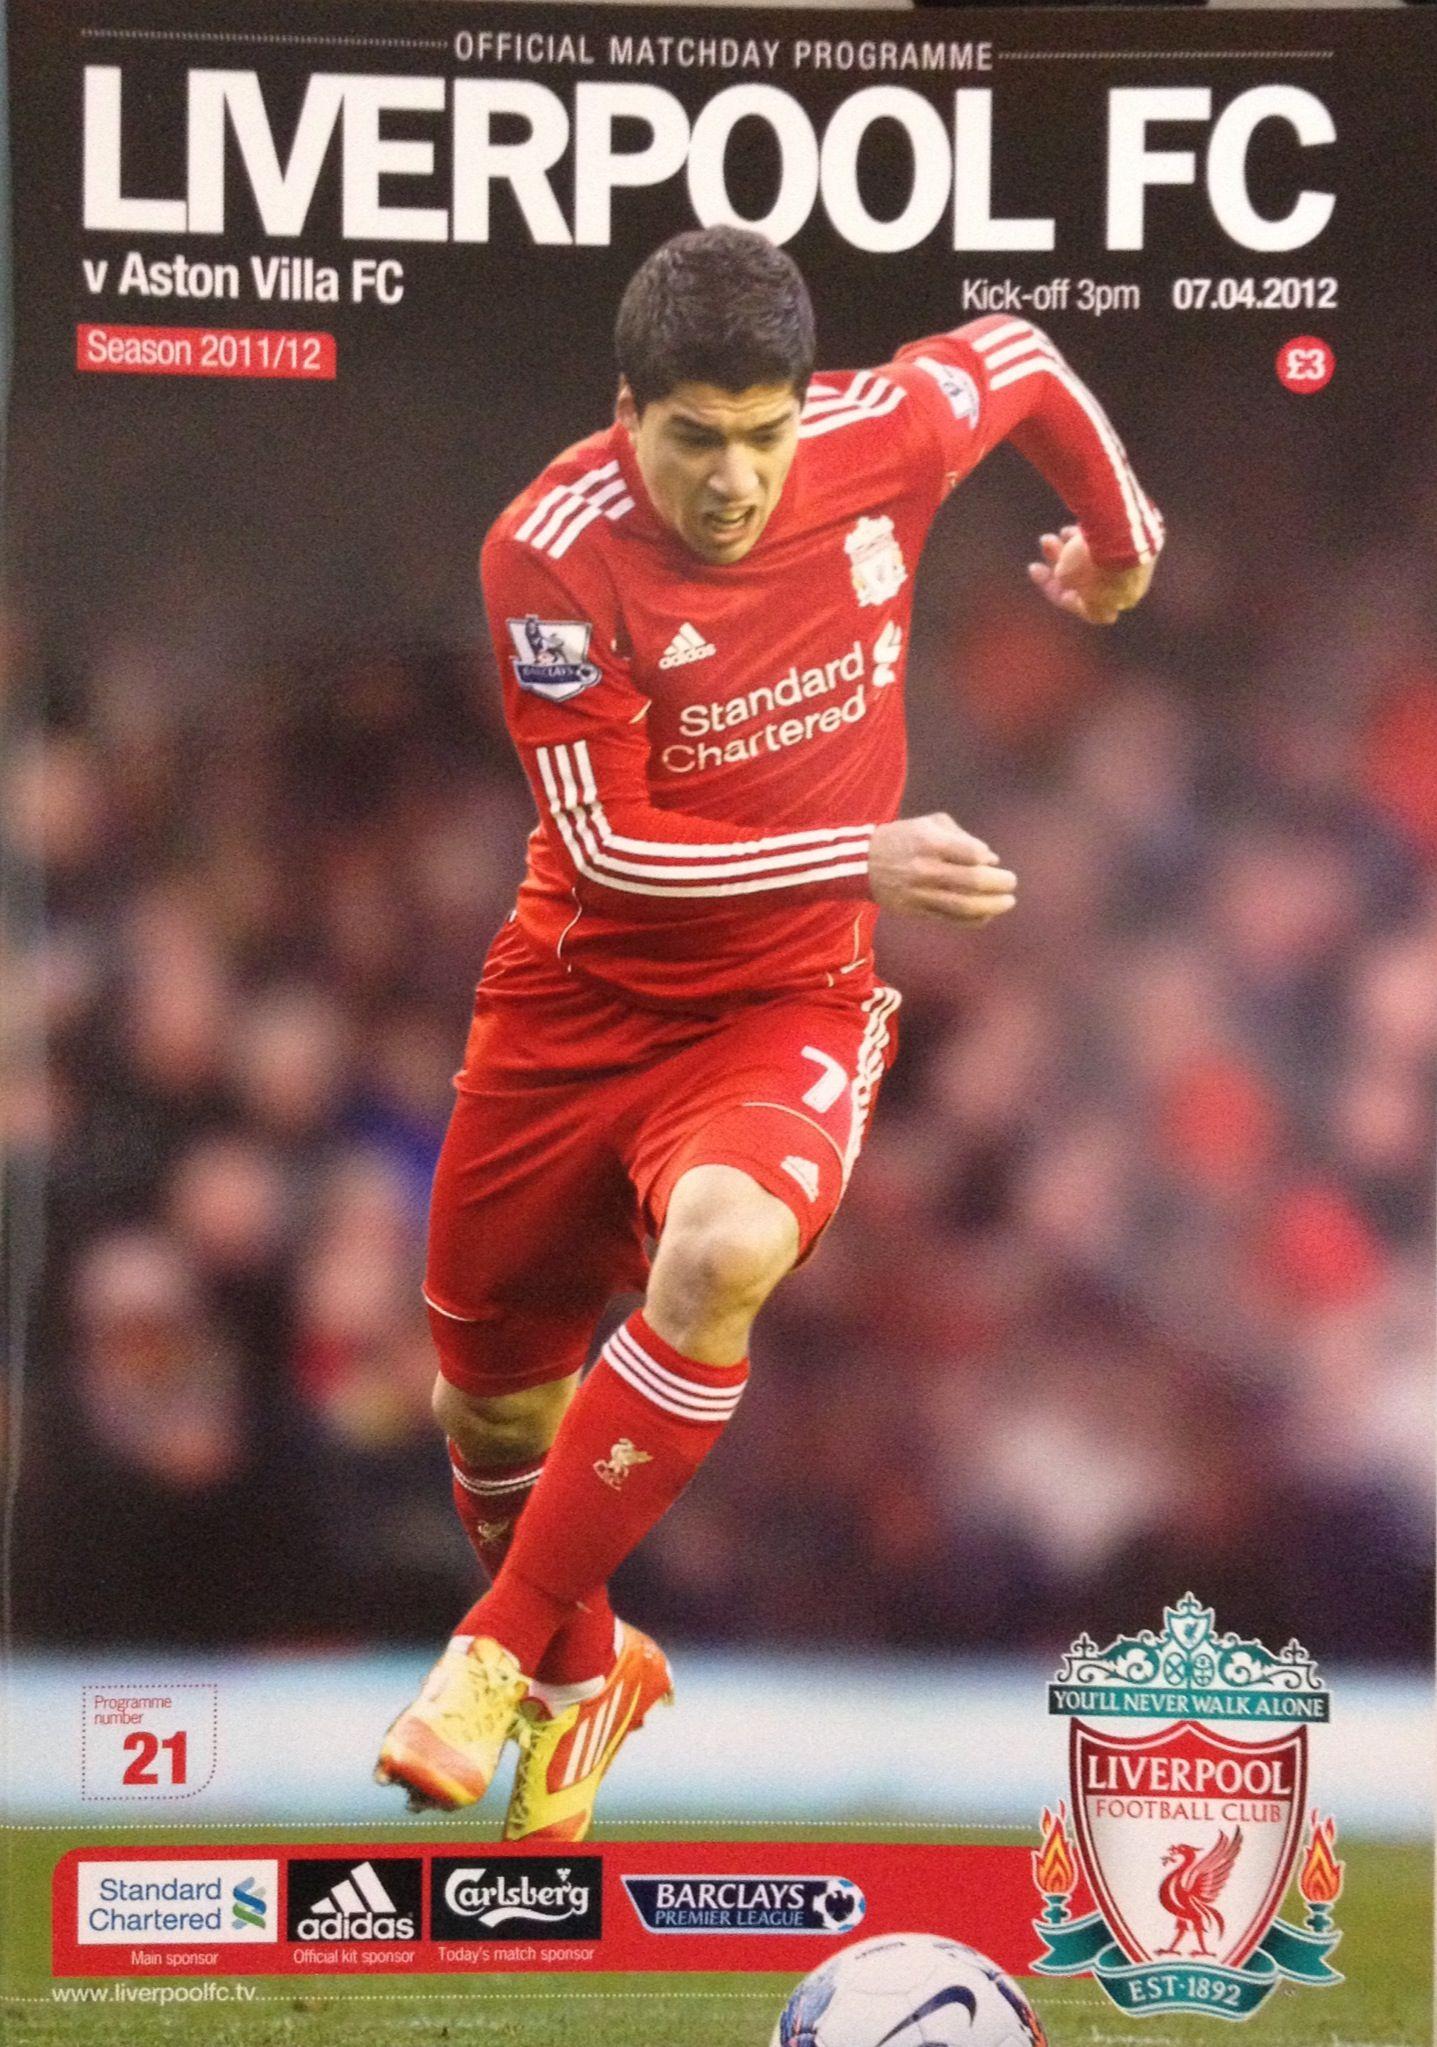 7/4/2012 Liverpool v Aston Villa Football program